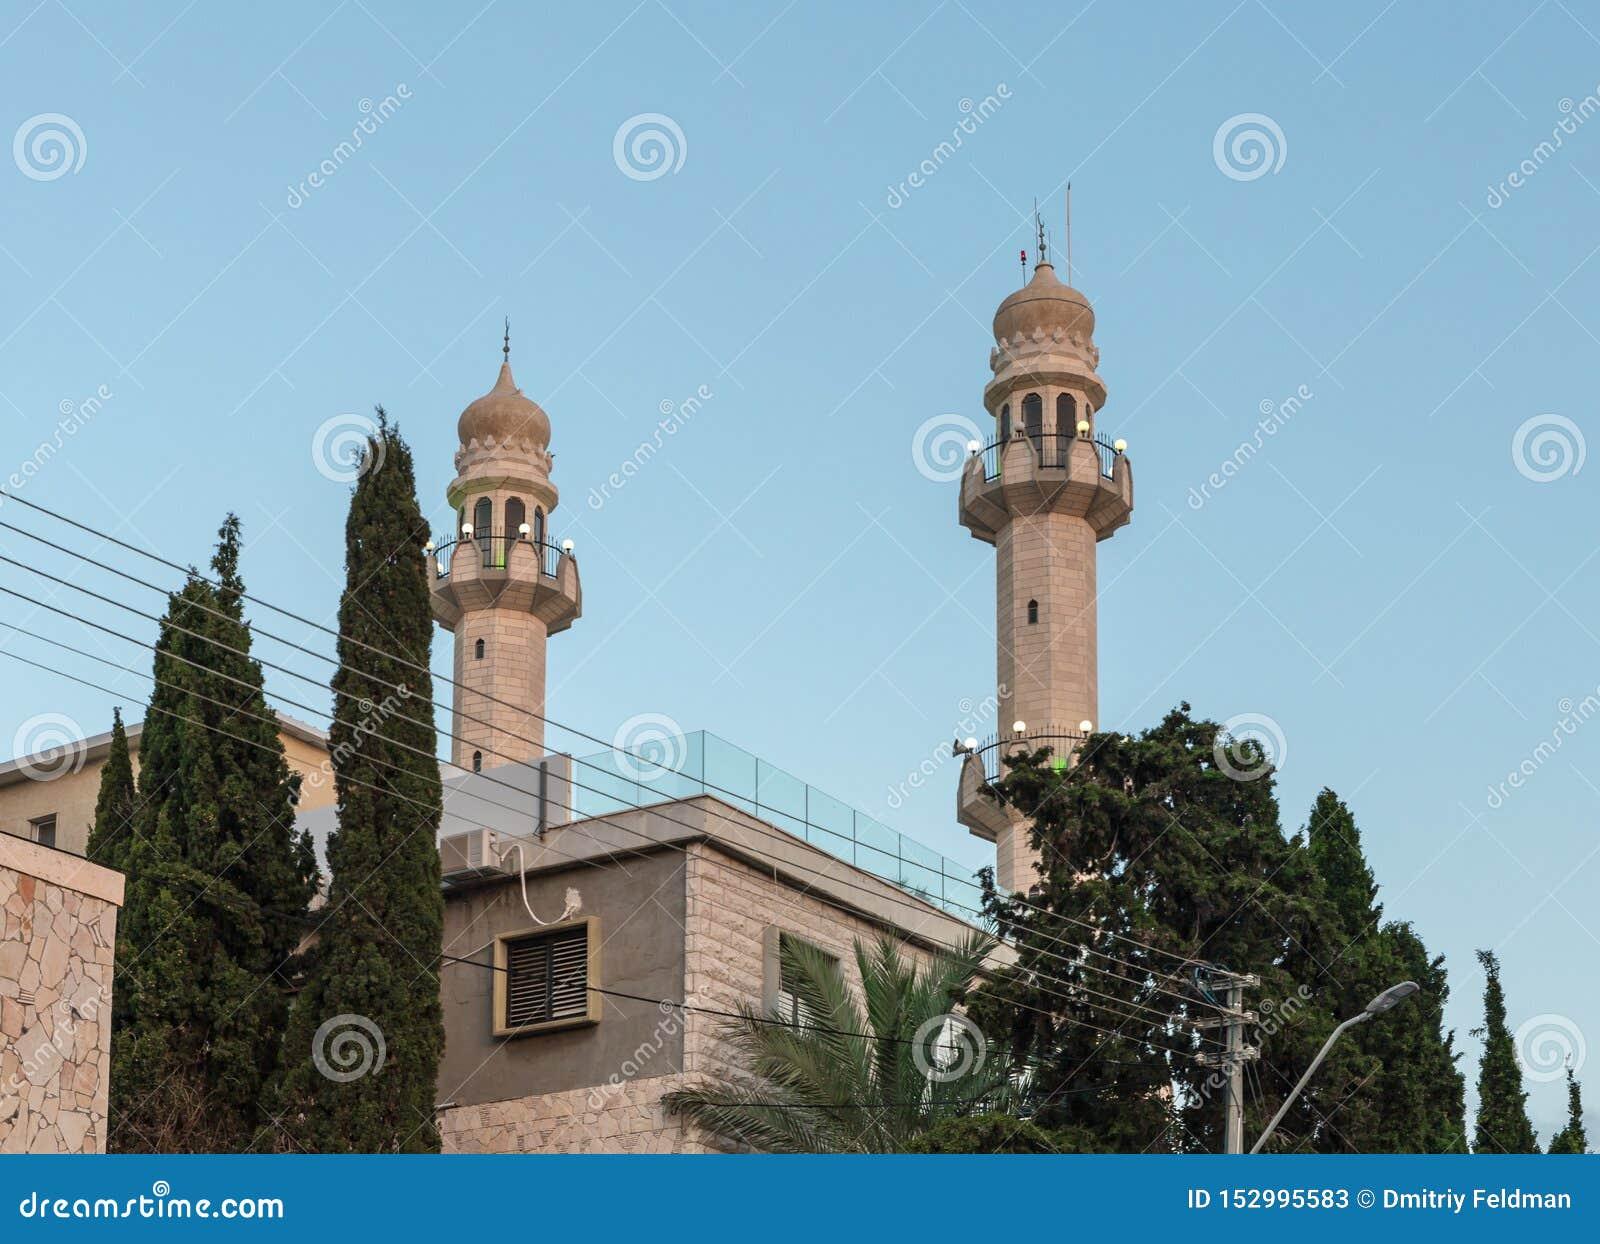 Igualación de la visión desde la calle adyacente a la mezquita de Ahmadiyya Shaykh Mahmud en la ciudad de Haifa en Israel